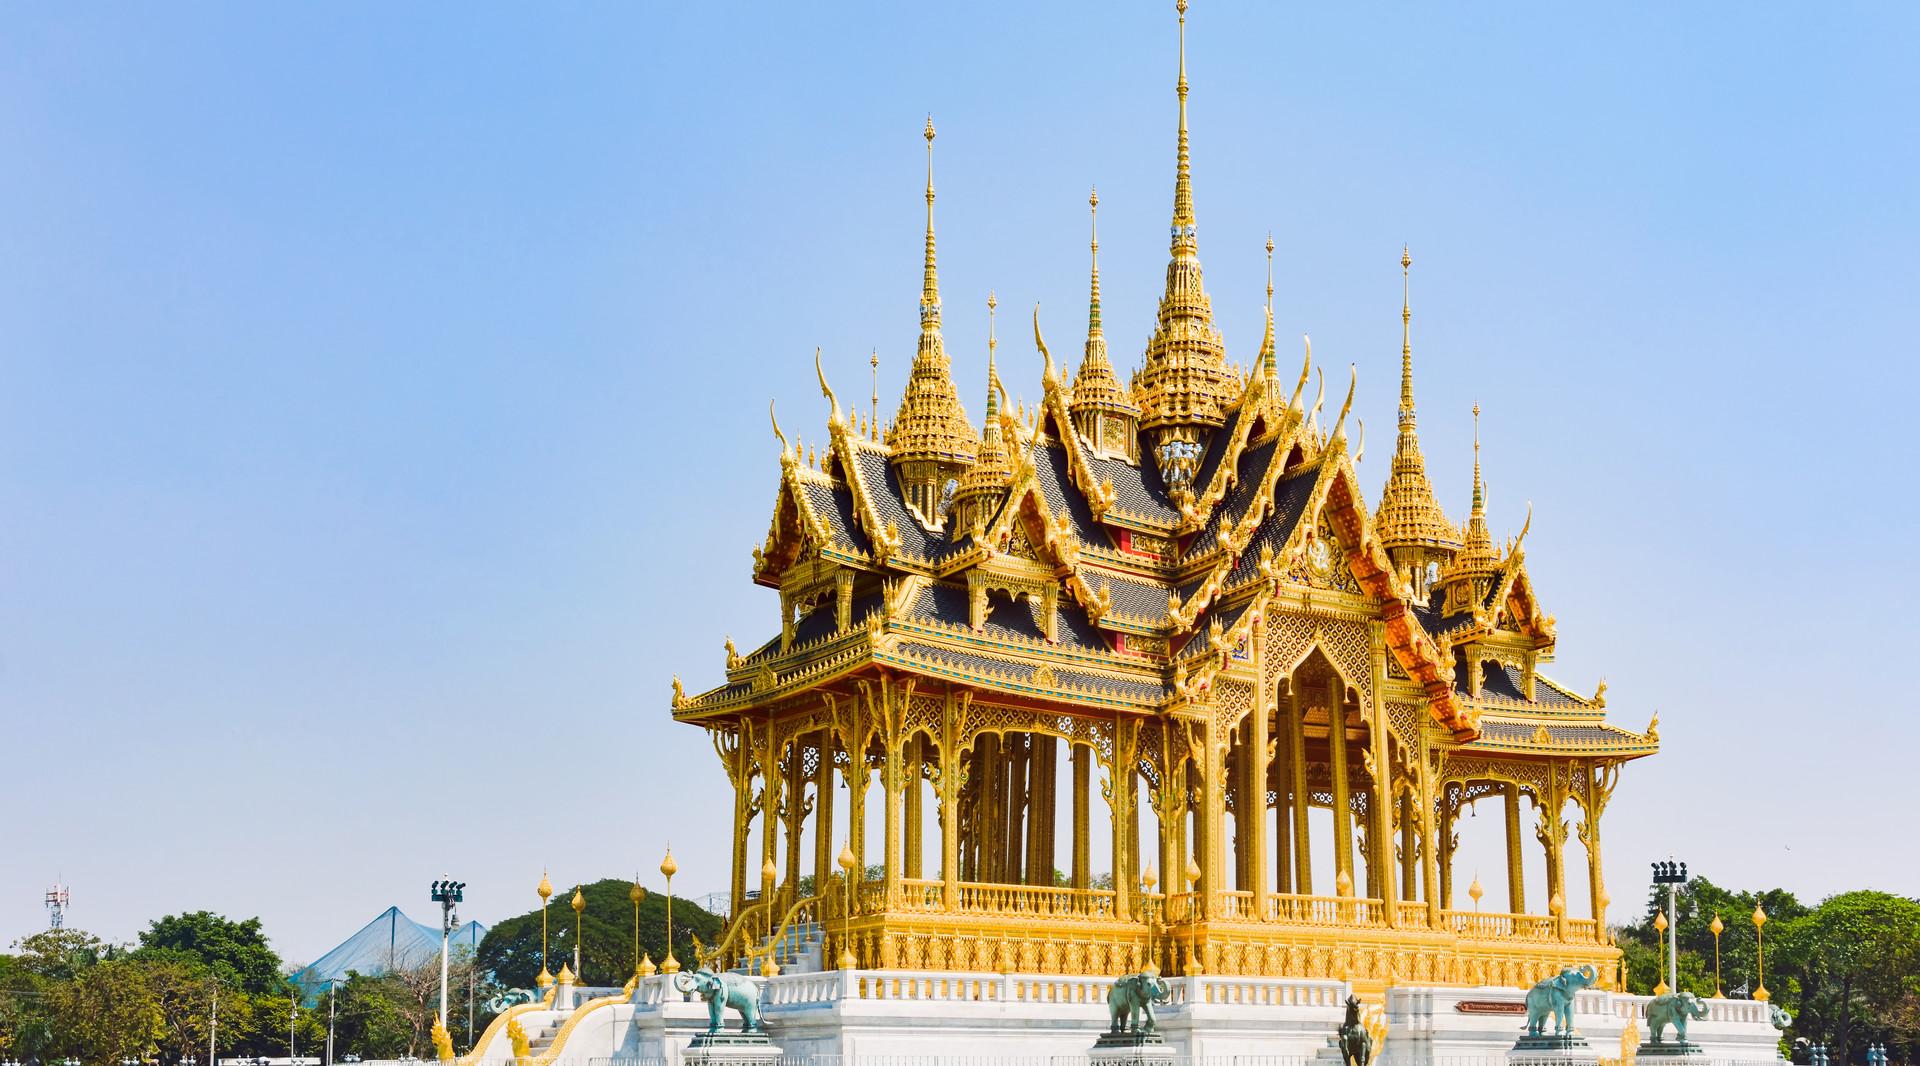 【深圳直飞】<泰国风情六天品质团> 亚洲最大夜市-河畔夜市